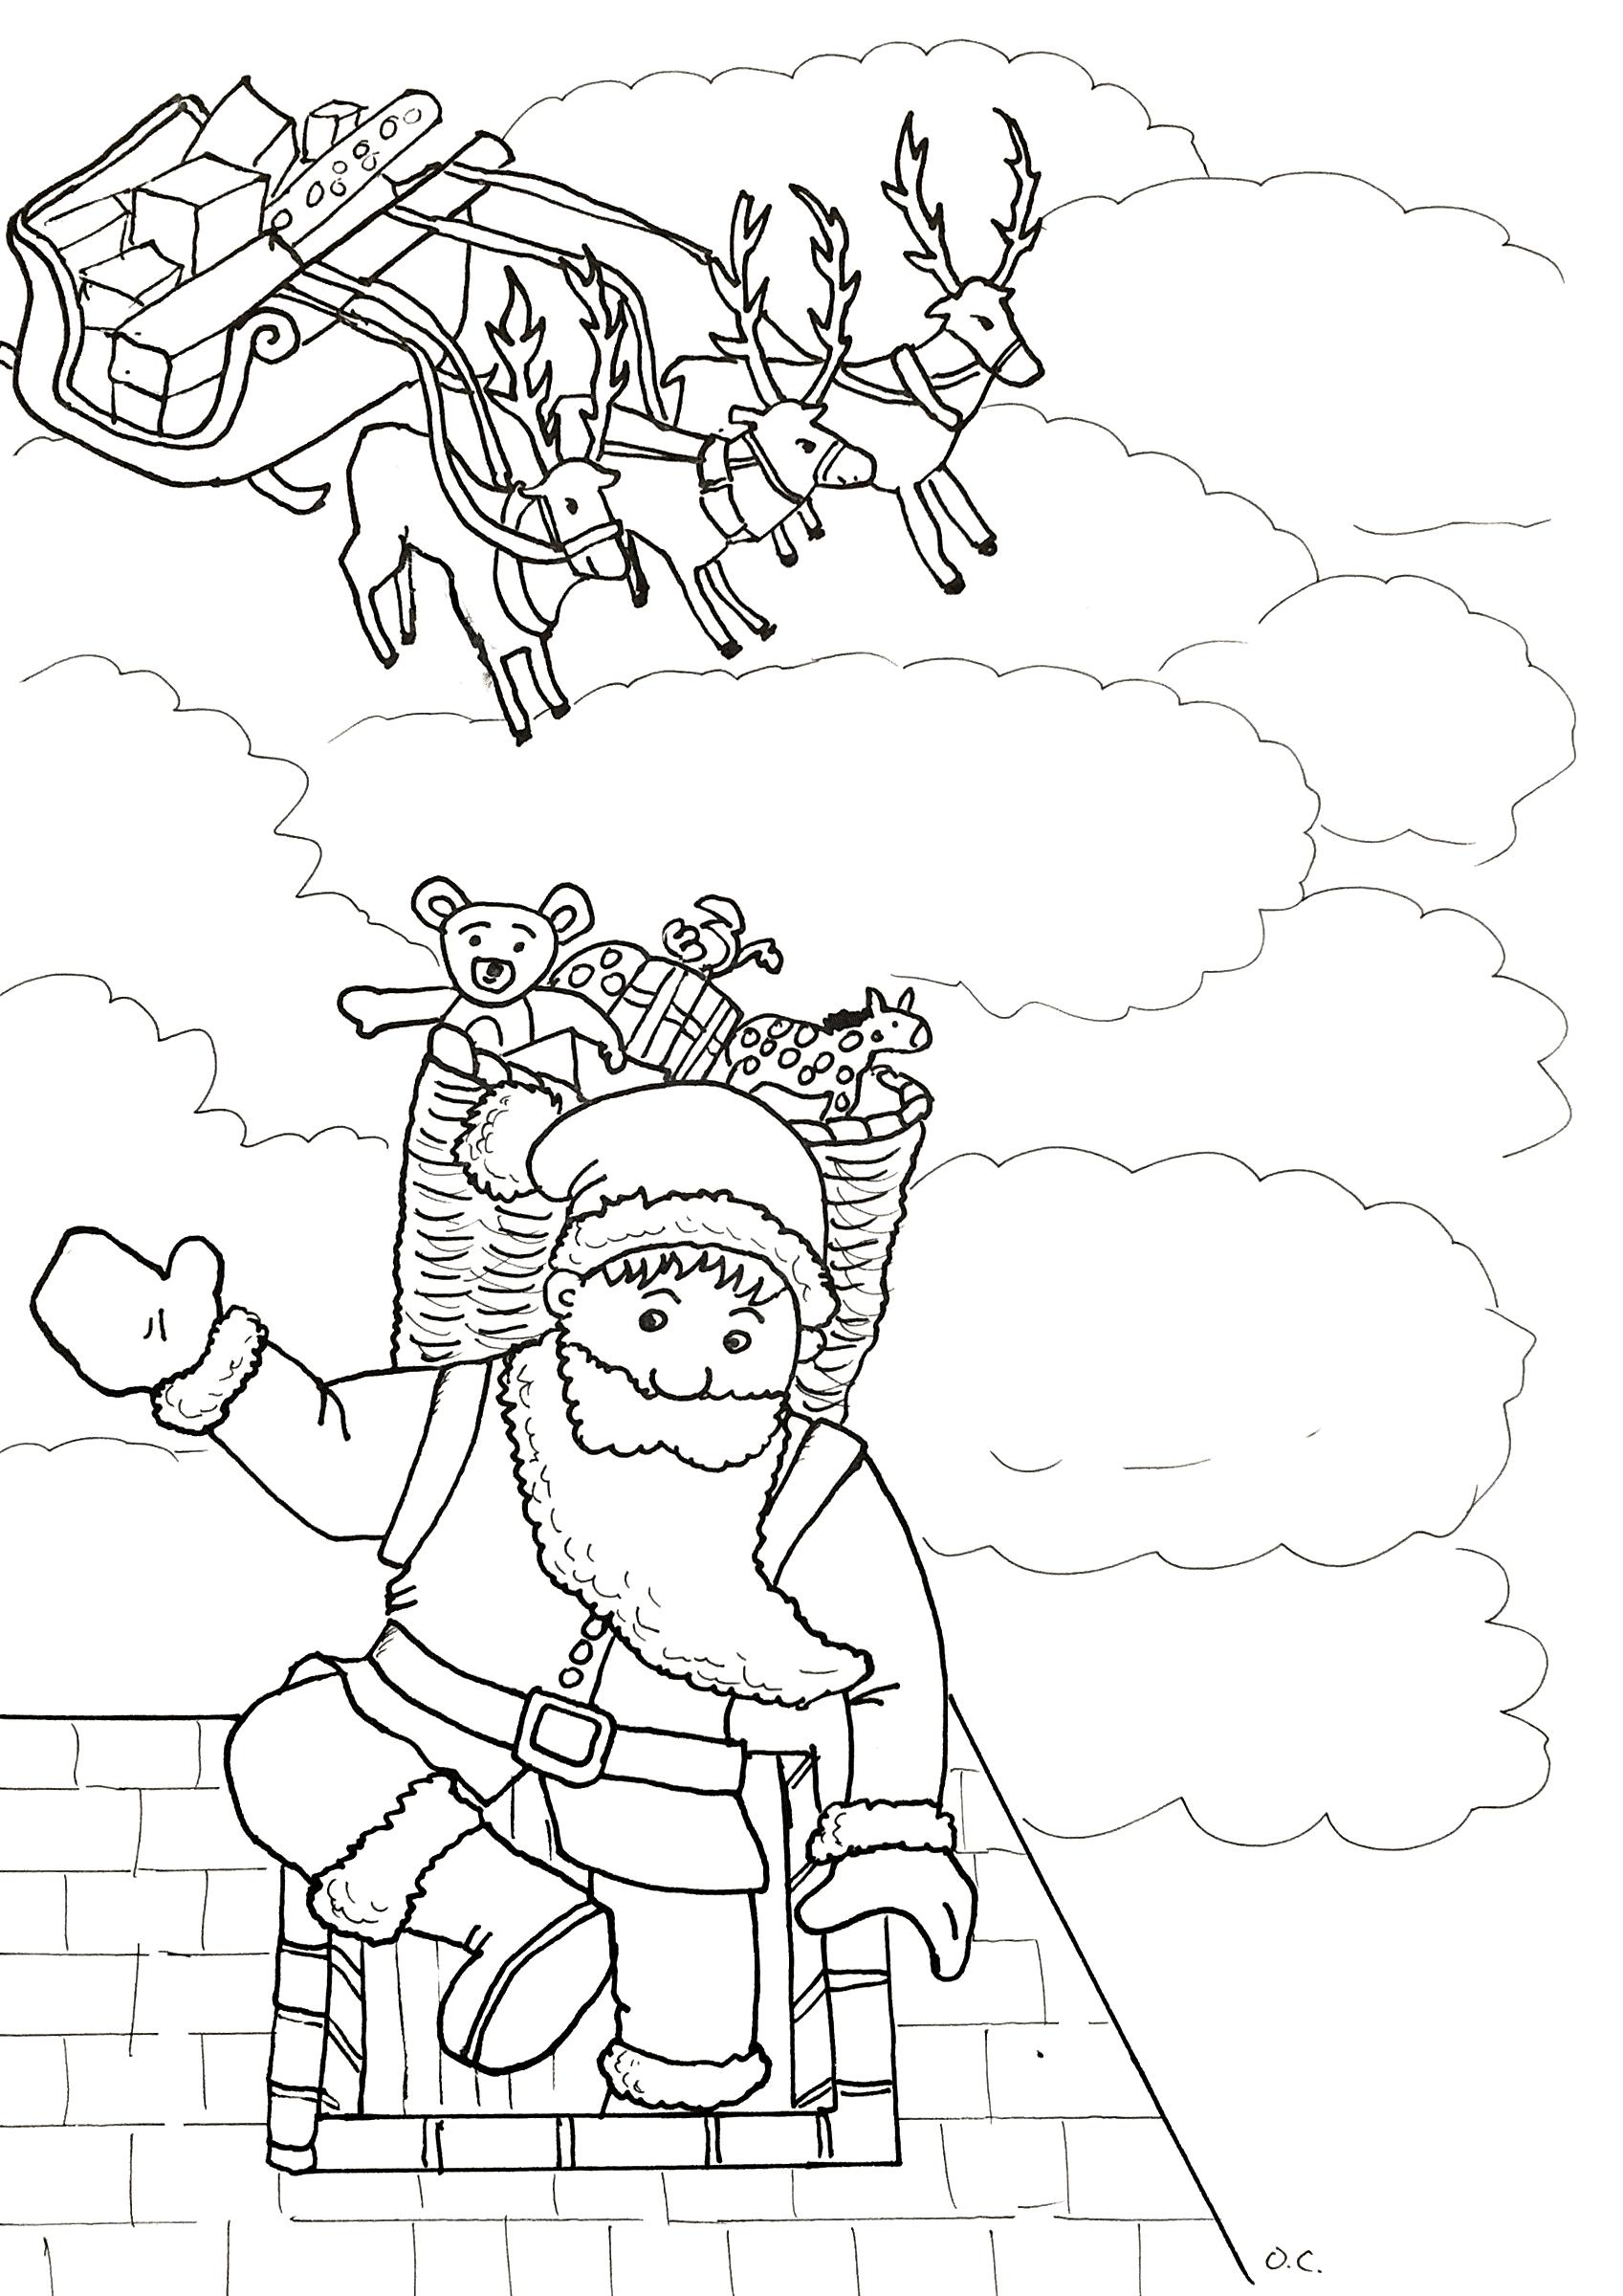 Le Père Noël entrant dans une cheminée, par Olivier